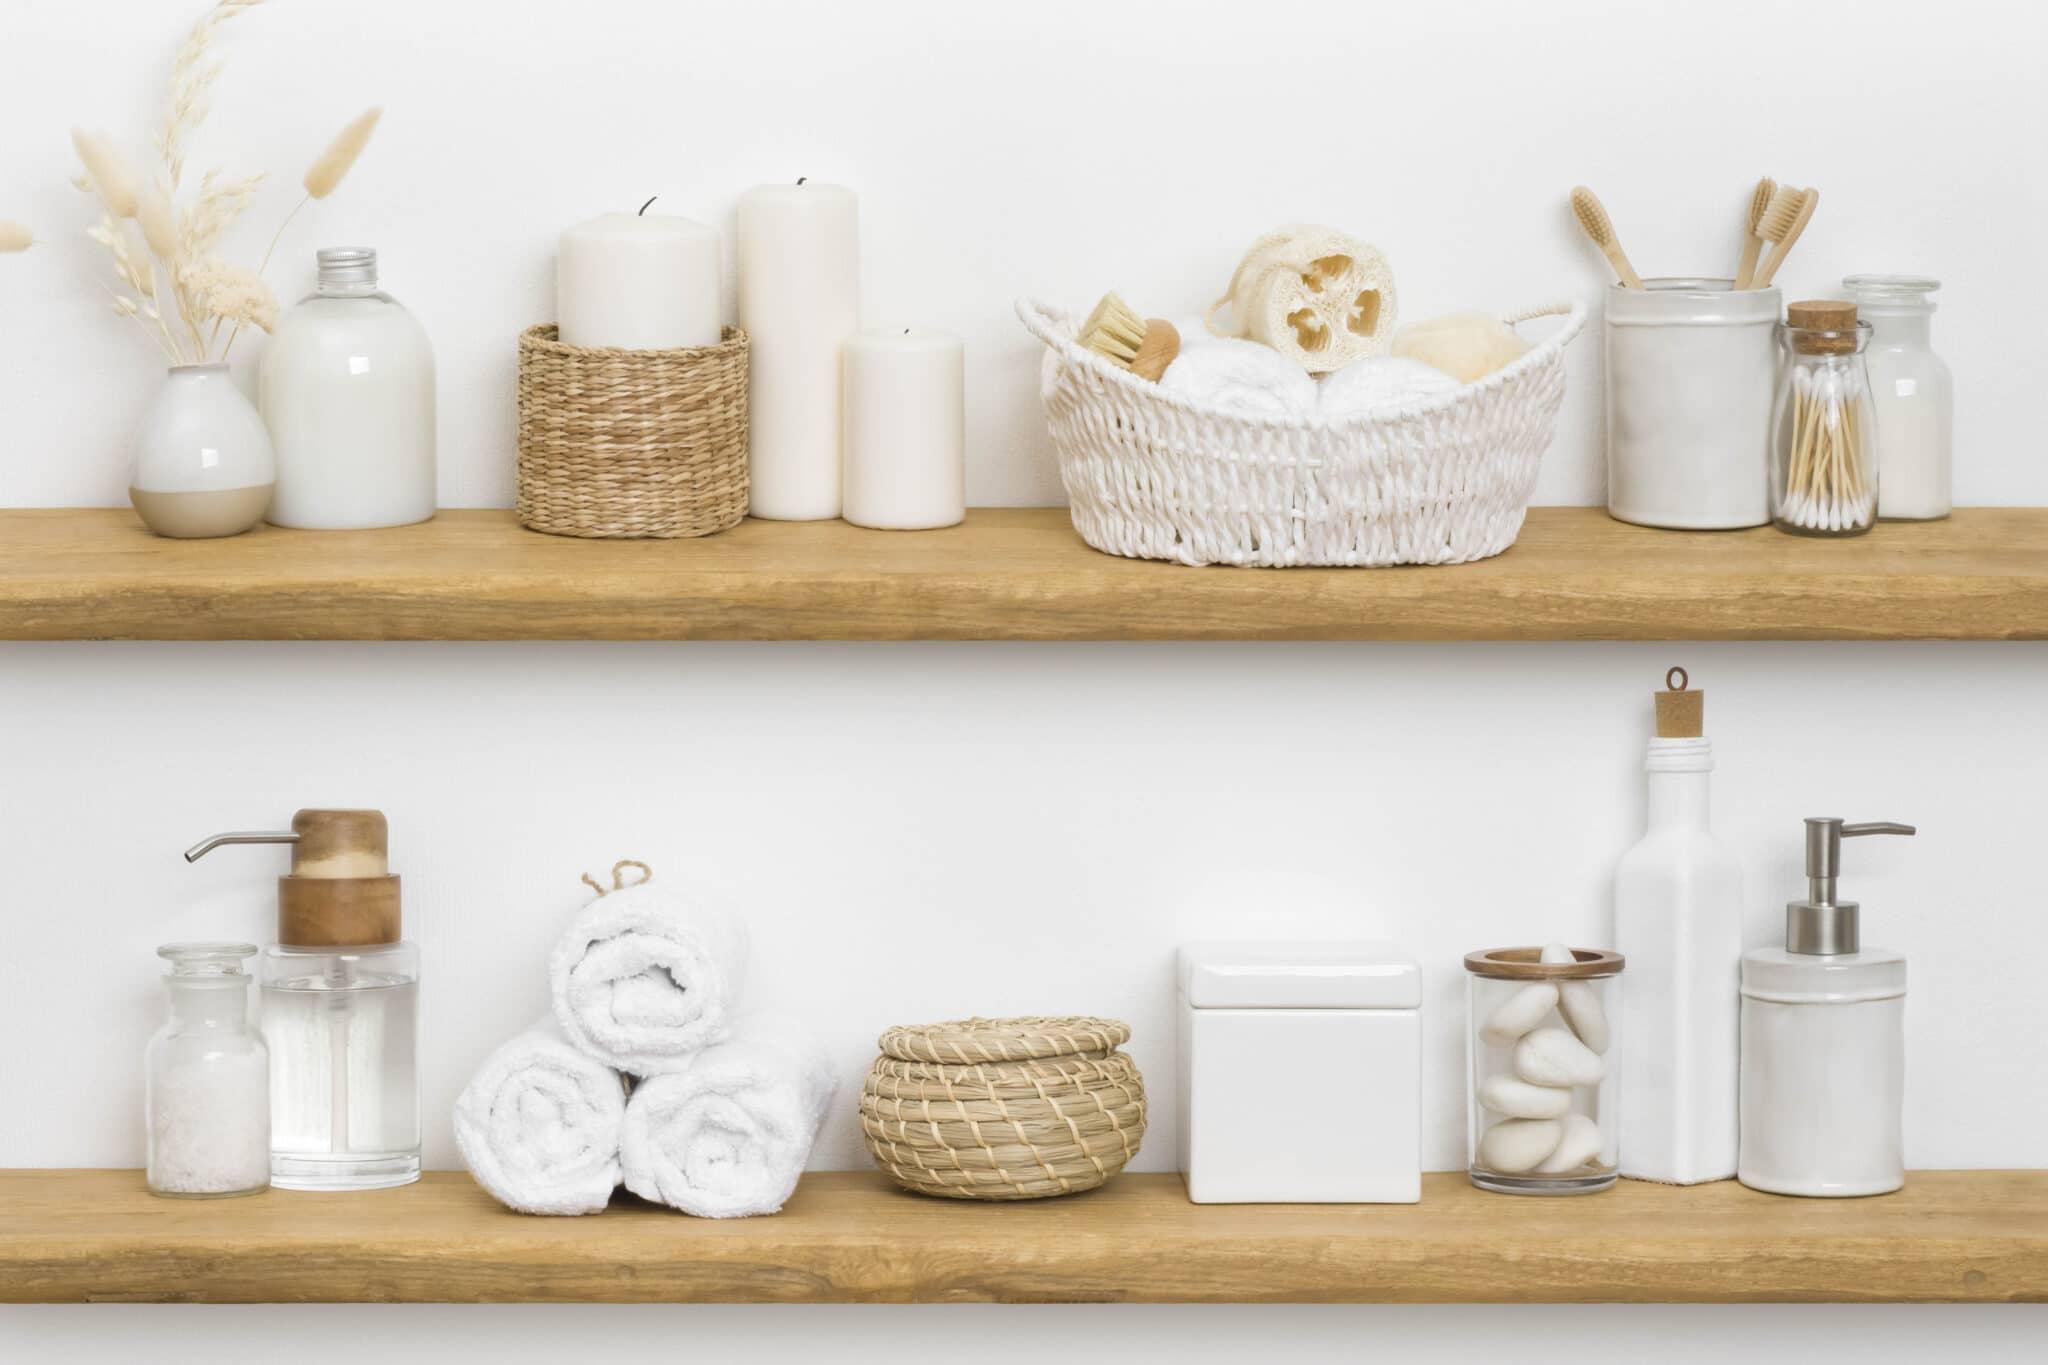 Étagères en bois avec serviettes et produits de bain.